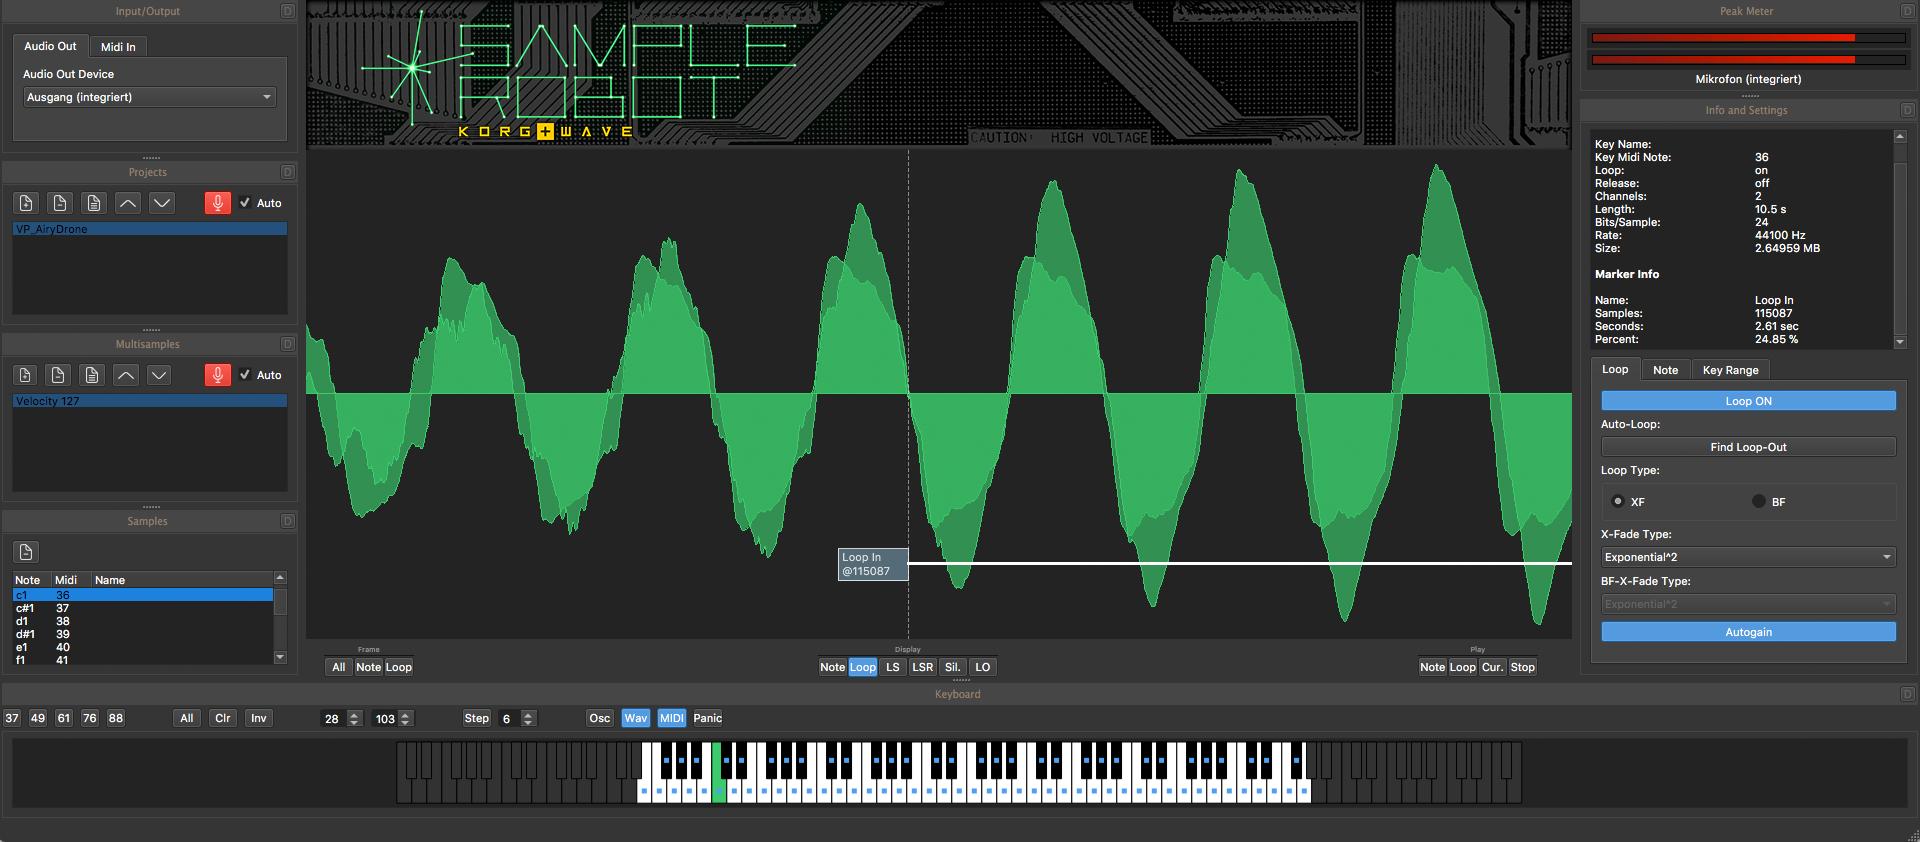 SampleRobot Korg+Wave